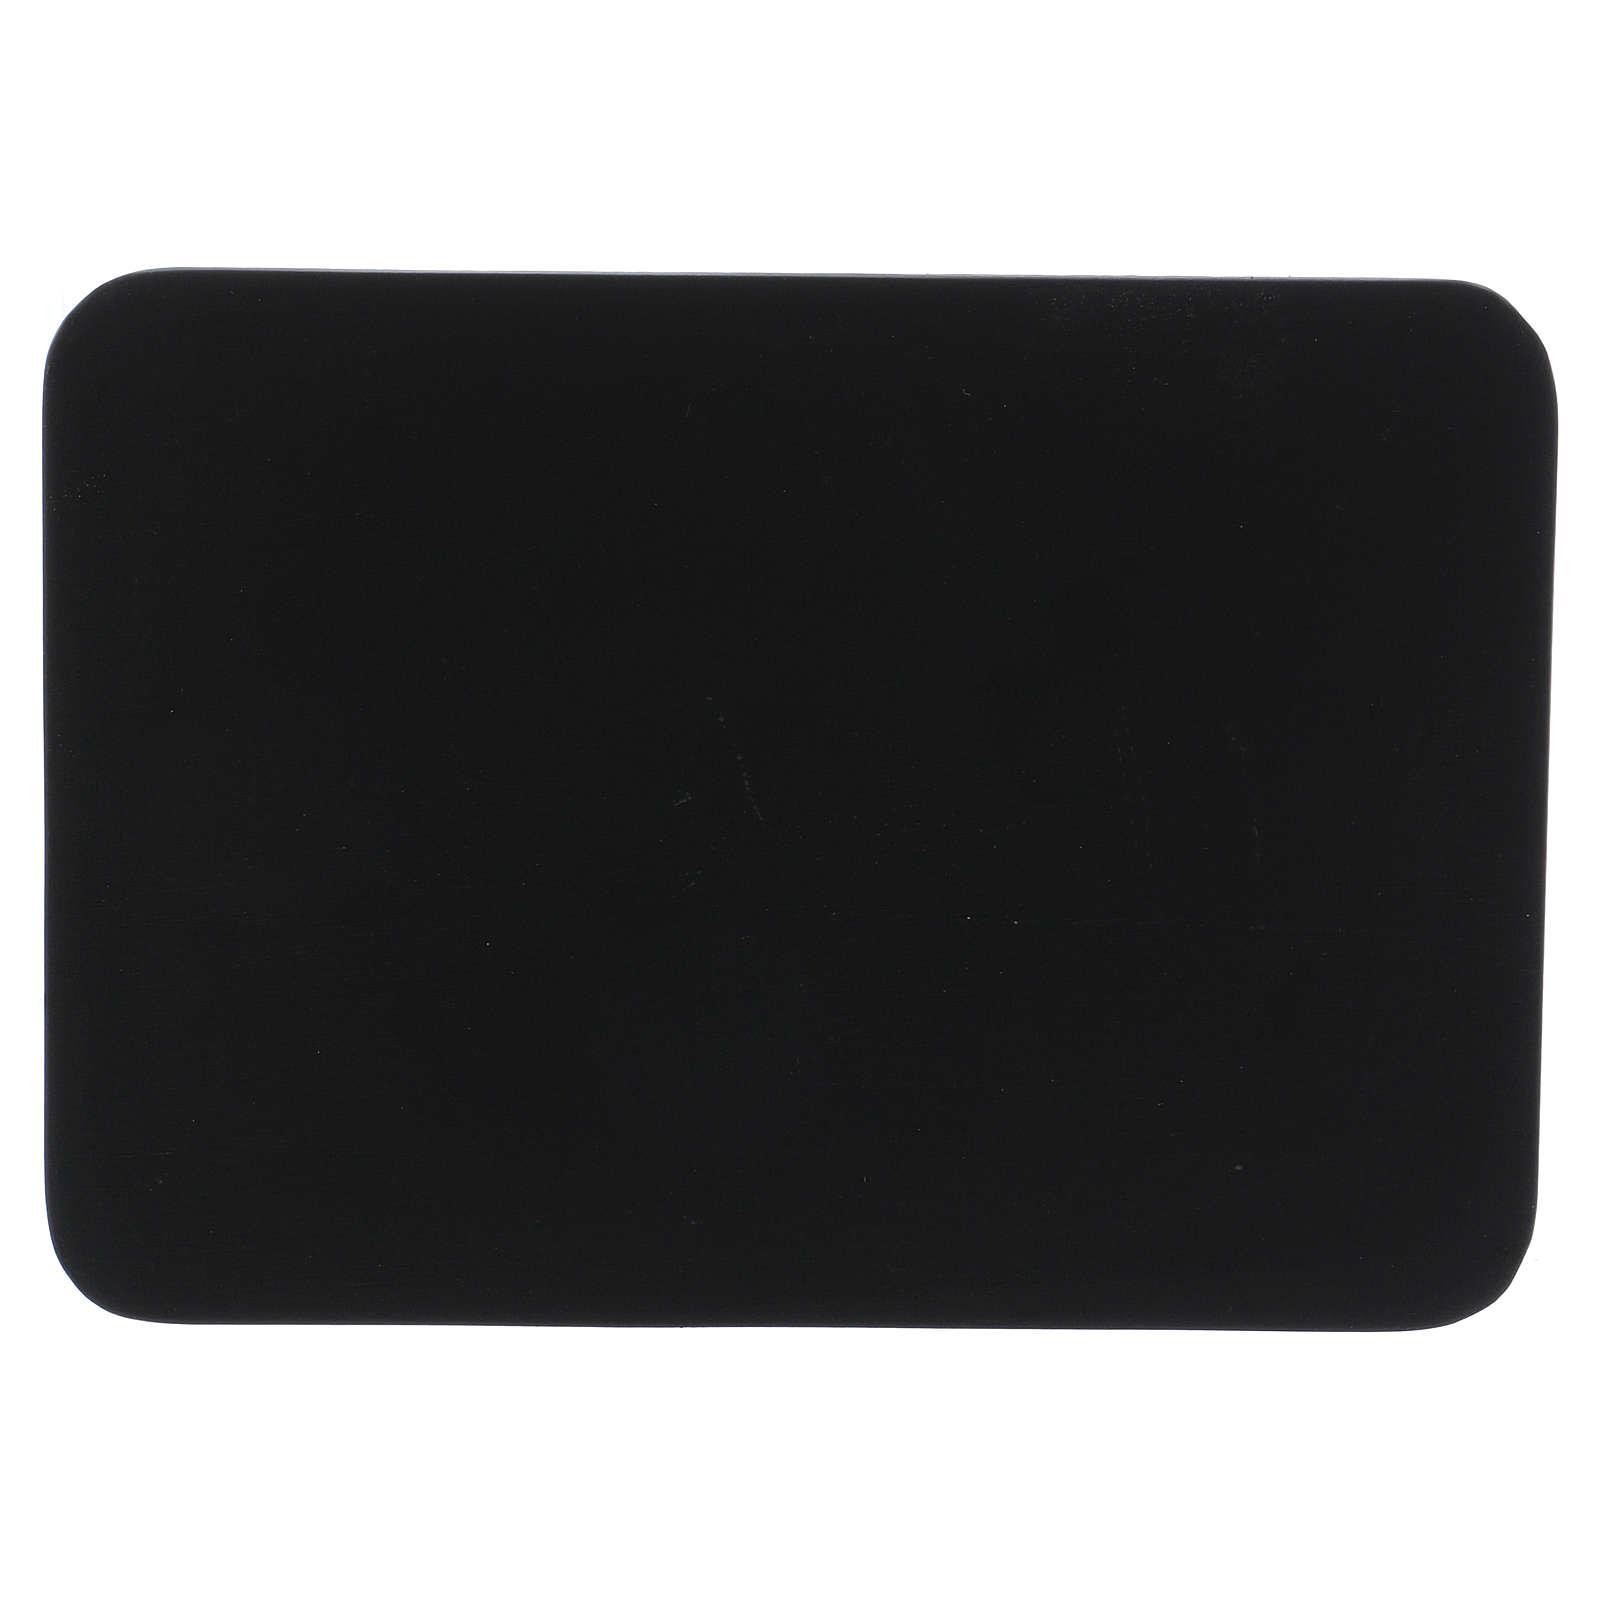 Piattino portacandela rettangolare alluminio nero 17x12 cm 3